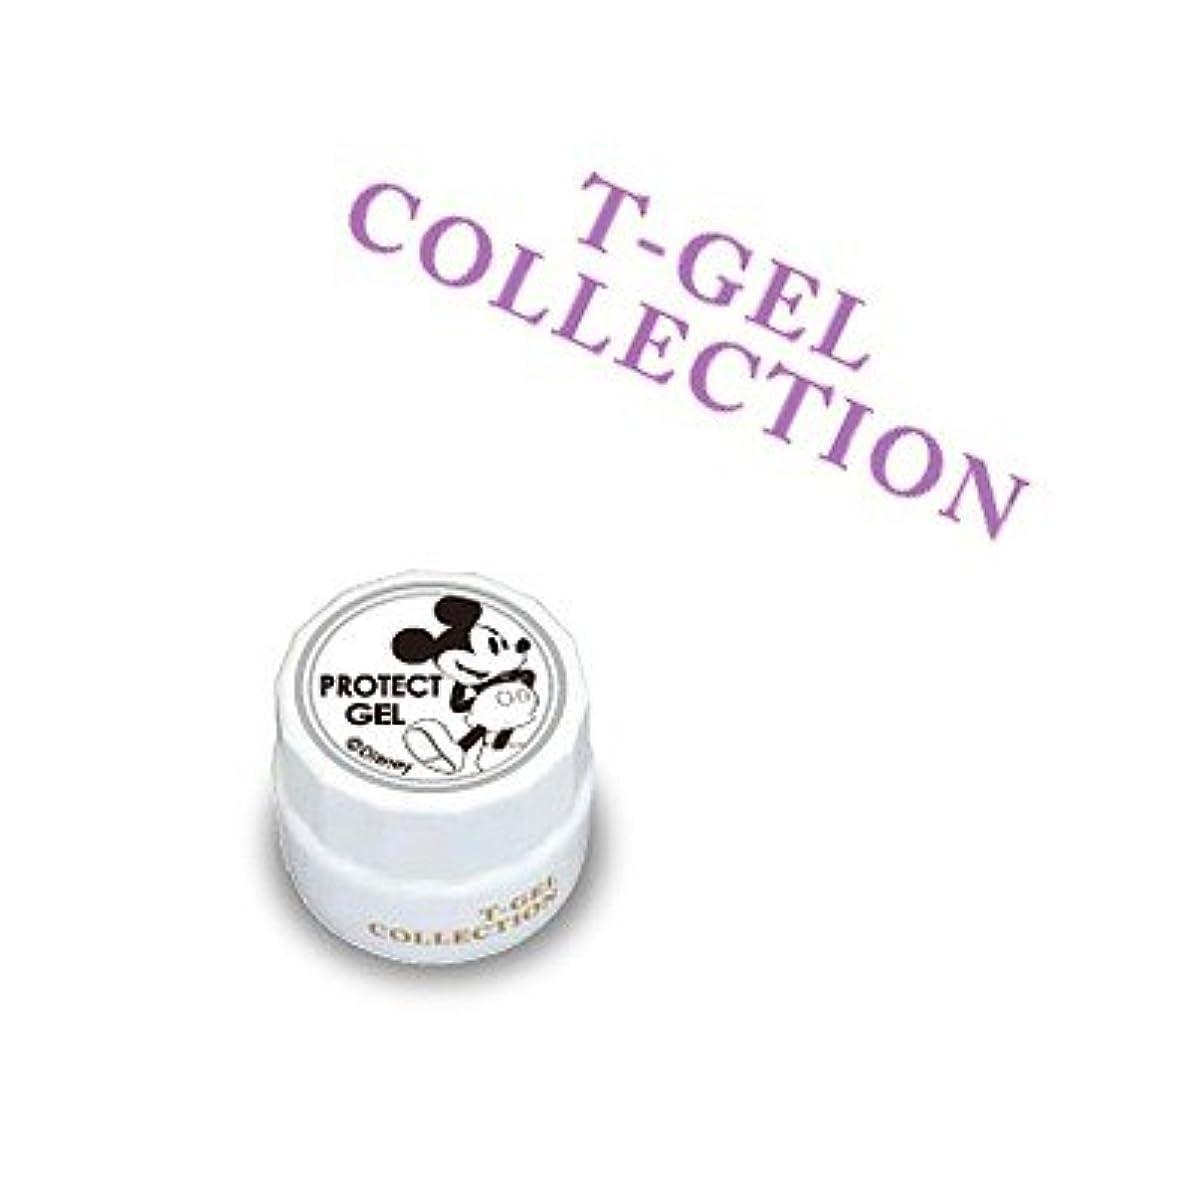 禁止不一致蒸気ジェルネイル クリアジェル クリアジェルネイル T-GEL ティージェル COLLECTION プロテクトジェル 4ml